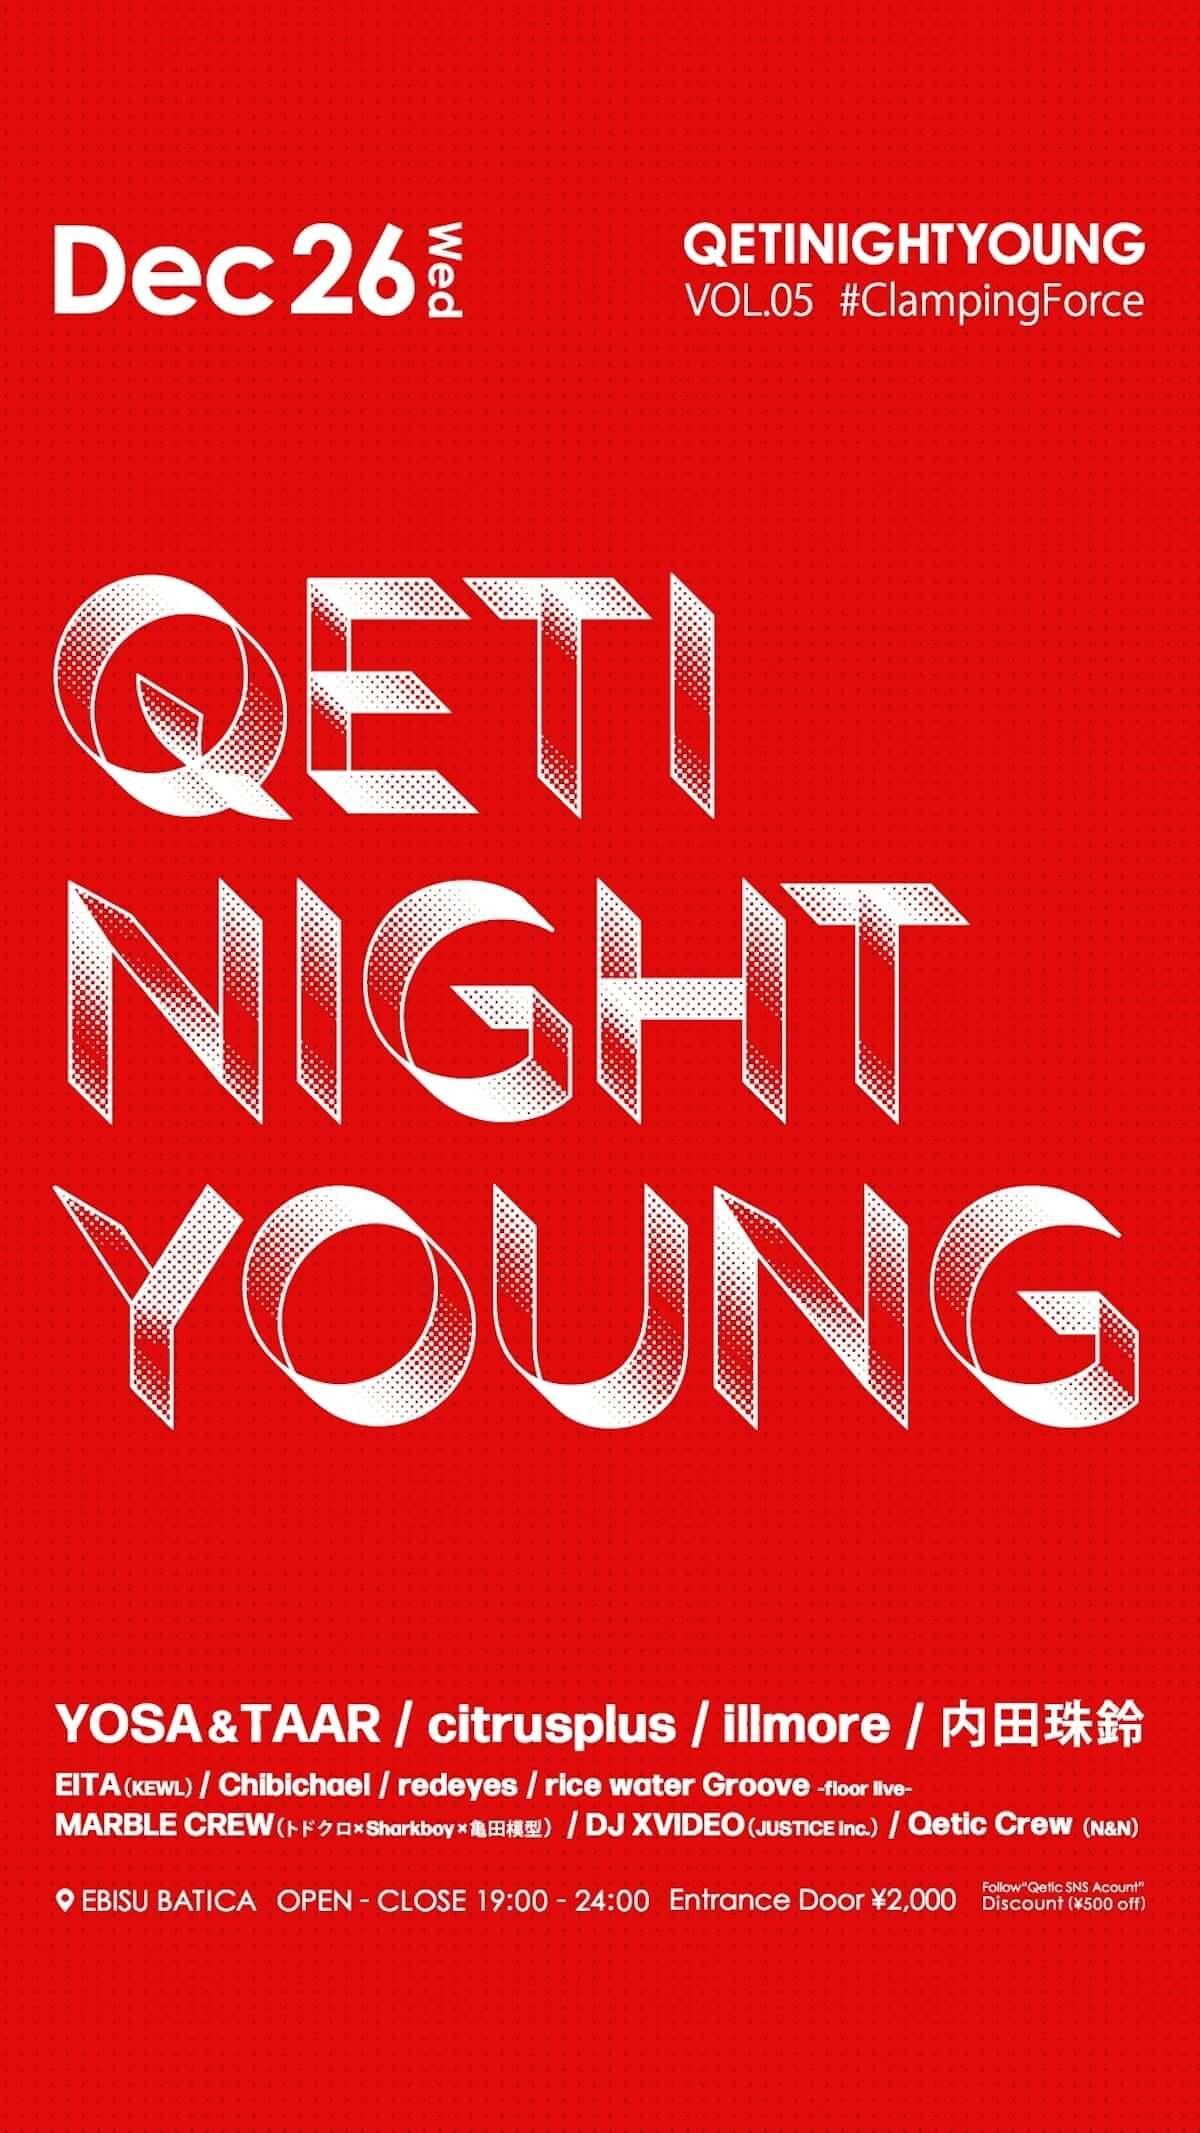 Qeticが主催するナイトライフスタイル推奨イベント第5回が年末に開催 music181129-qetinightyoung-1-1200x2133